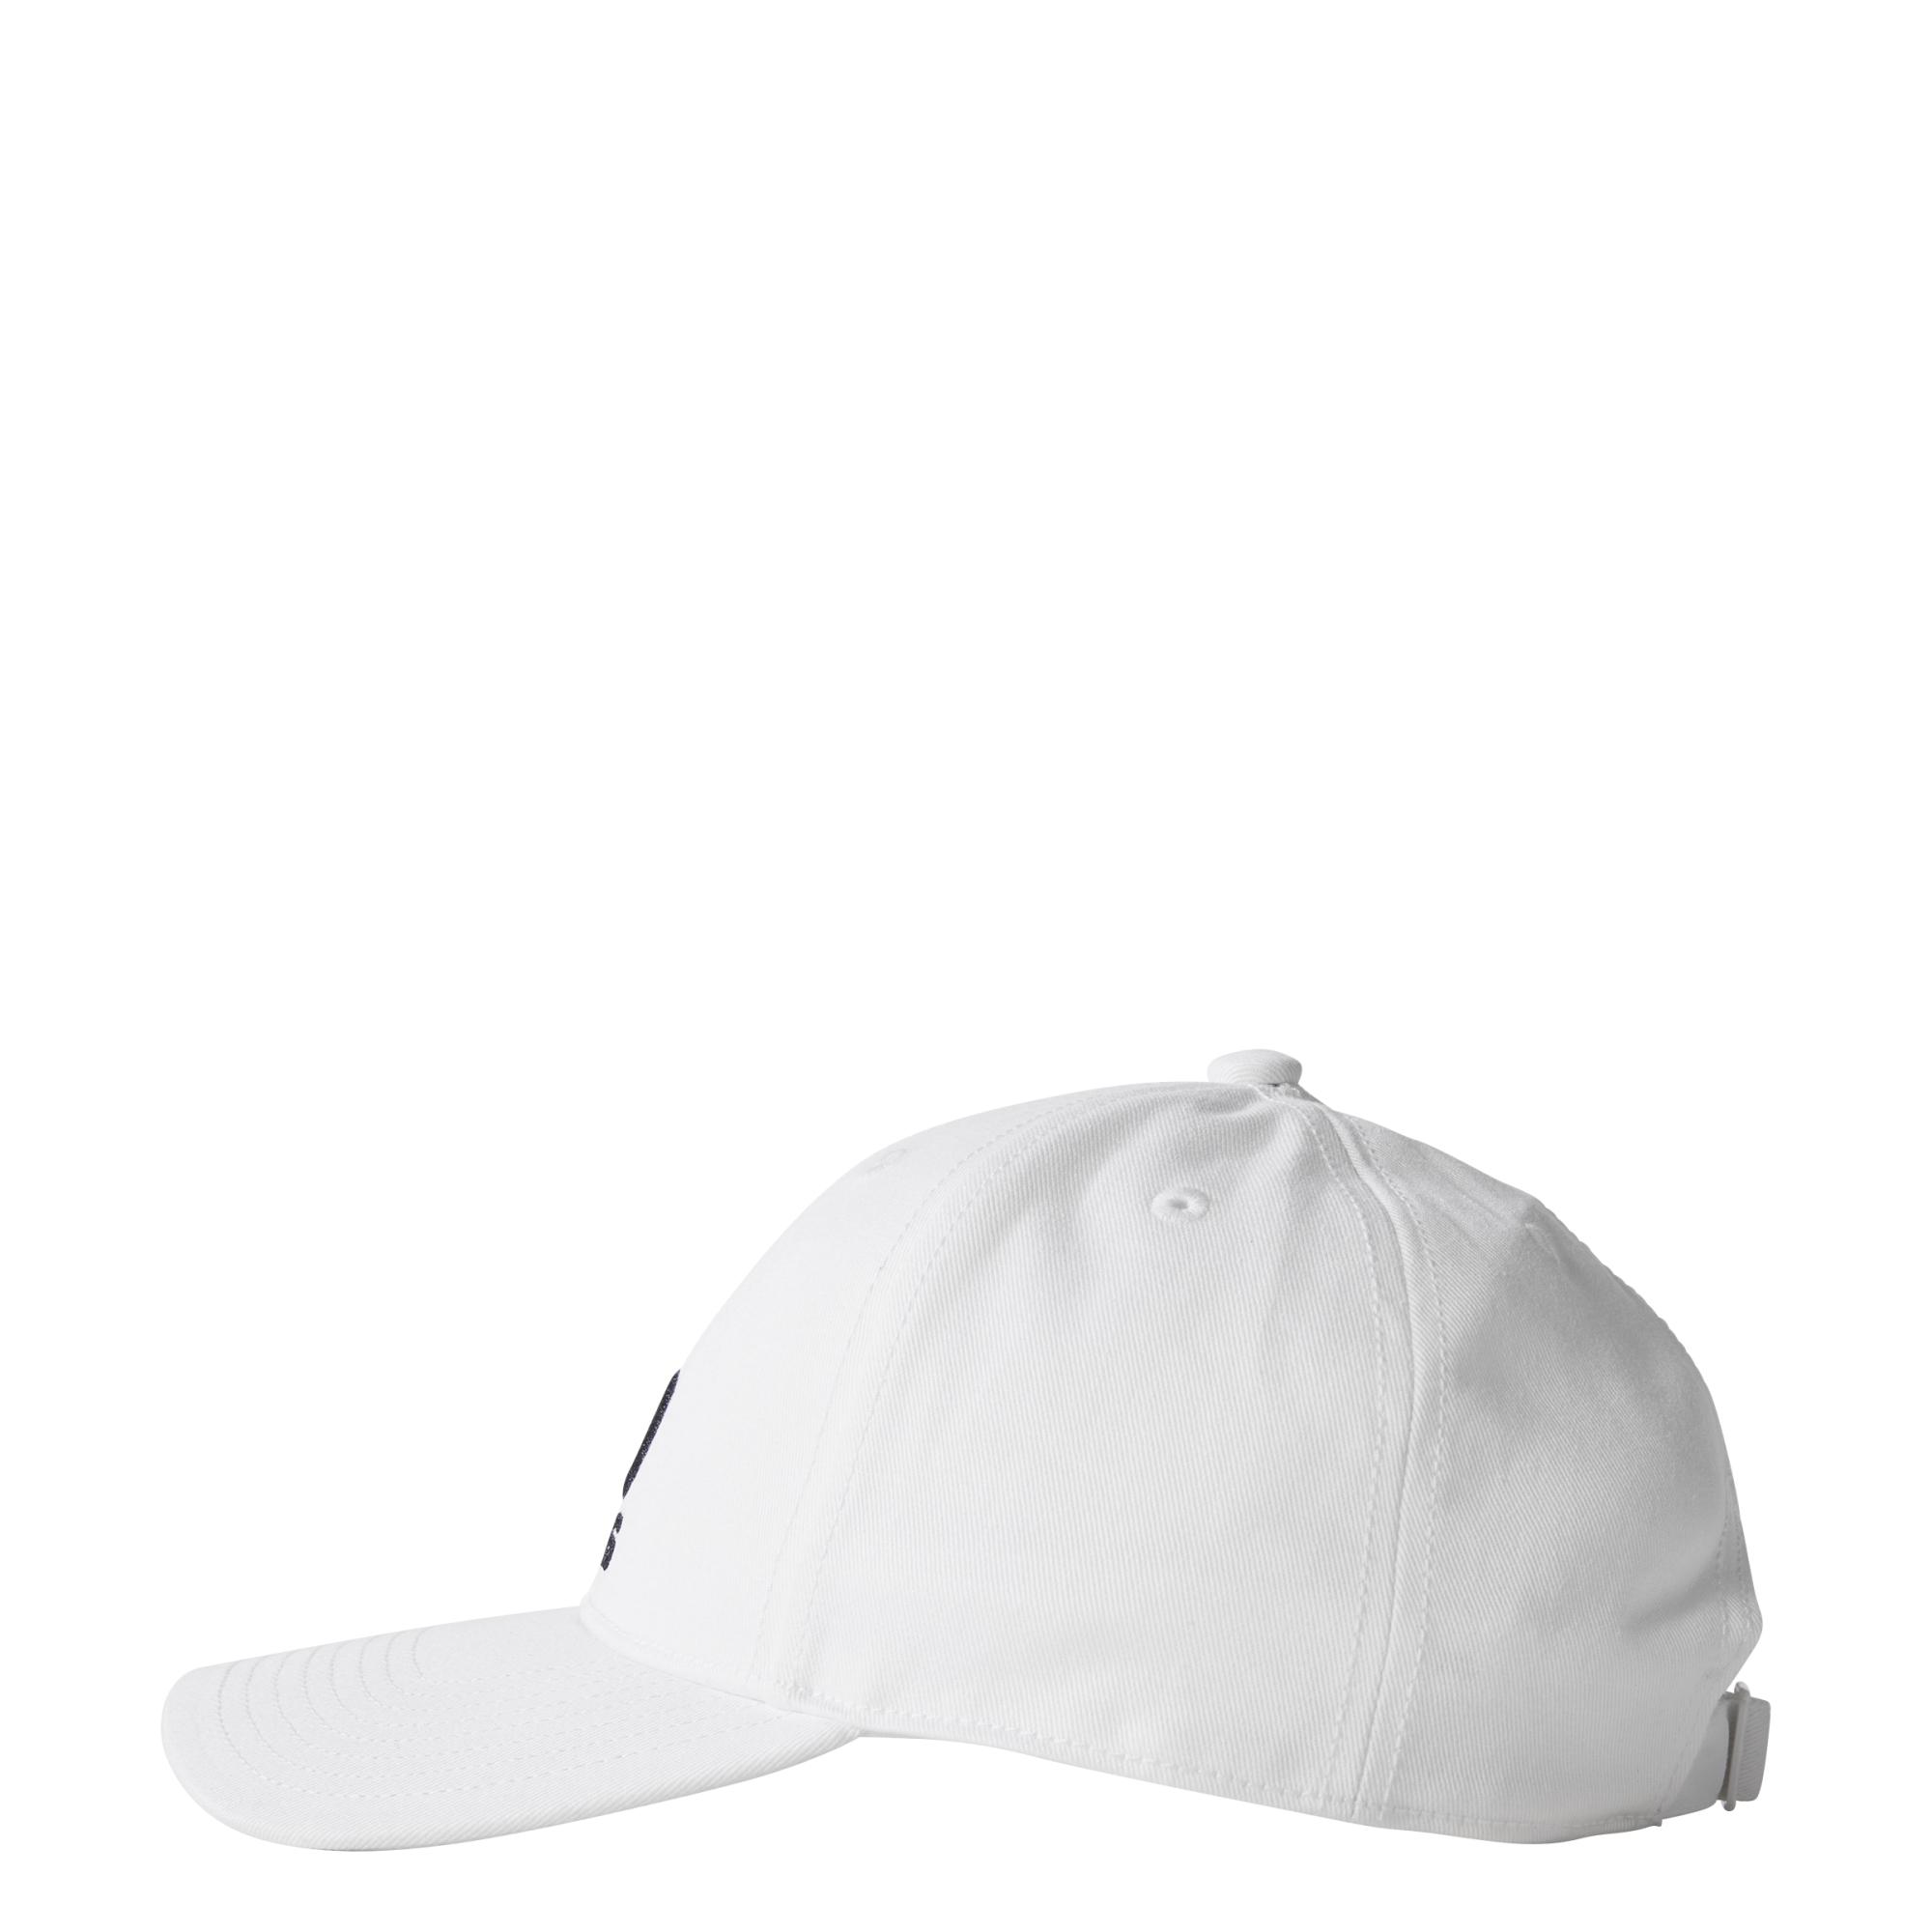 ... czapka adidas szcześciopanelowa Classic S98150 ... 7a0739e90a2